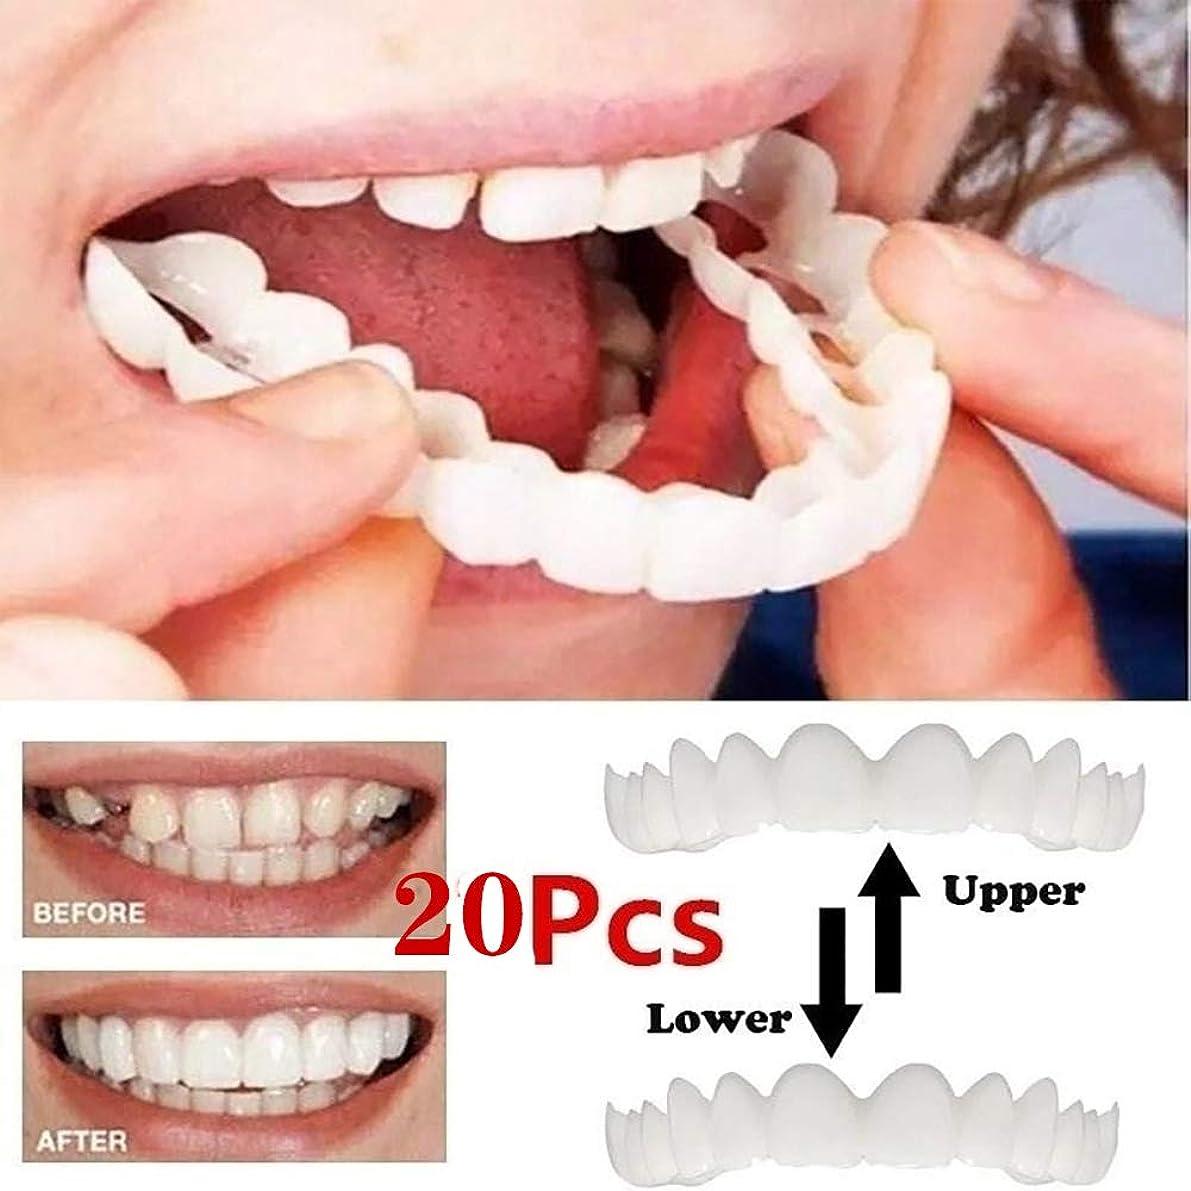 追加動揺させる護衛突き板の歯、化粧品の歯 - 一時的な笑顔の快適さフィットフレックス化粧品の歯、偽歯、快適な上と下のベニヤ - 歯のベニヤ(10 /下+ / 10トップ)